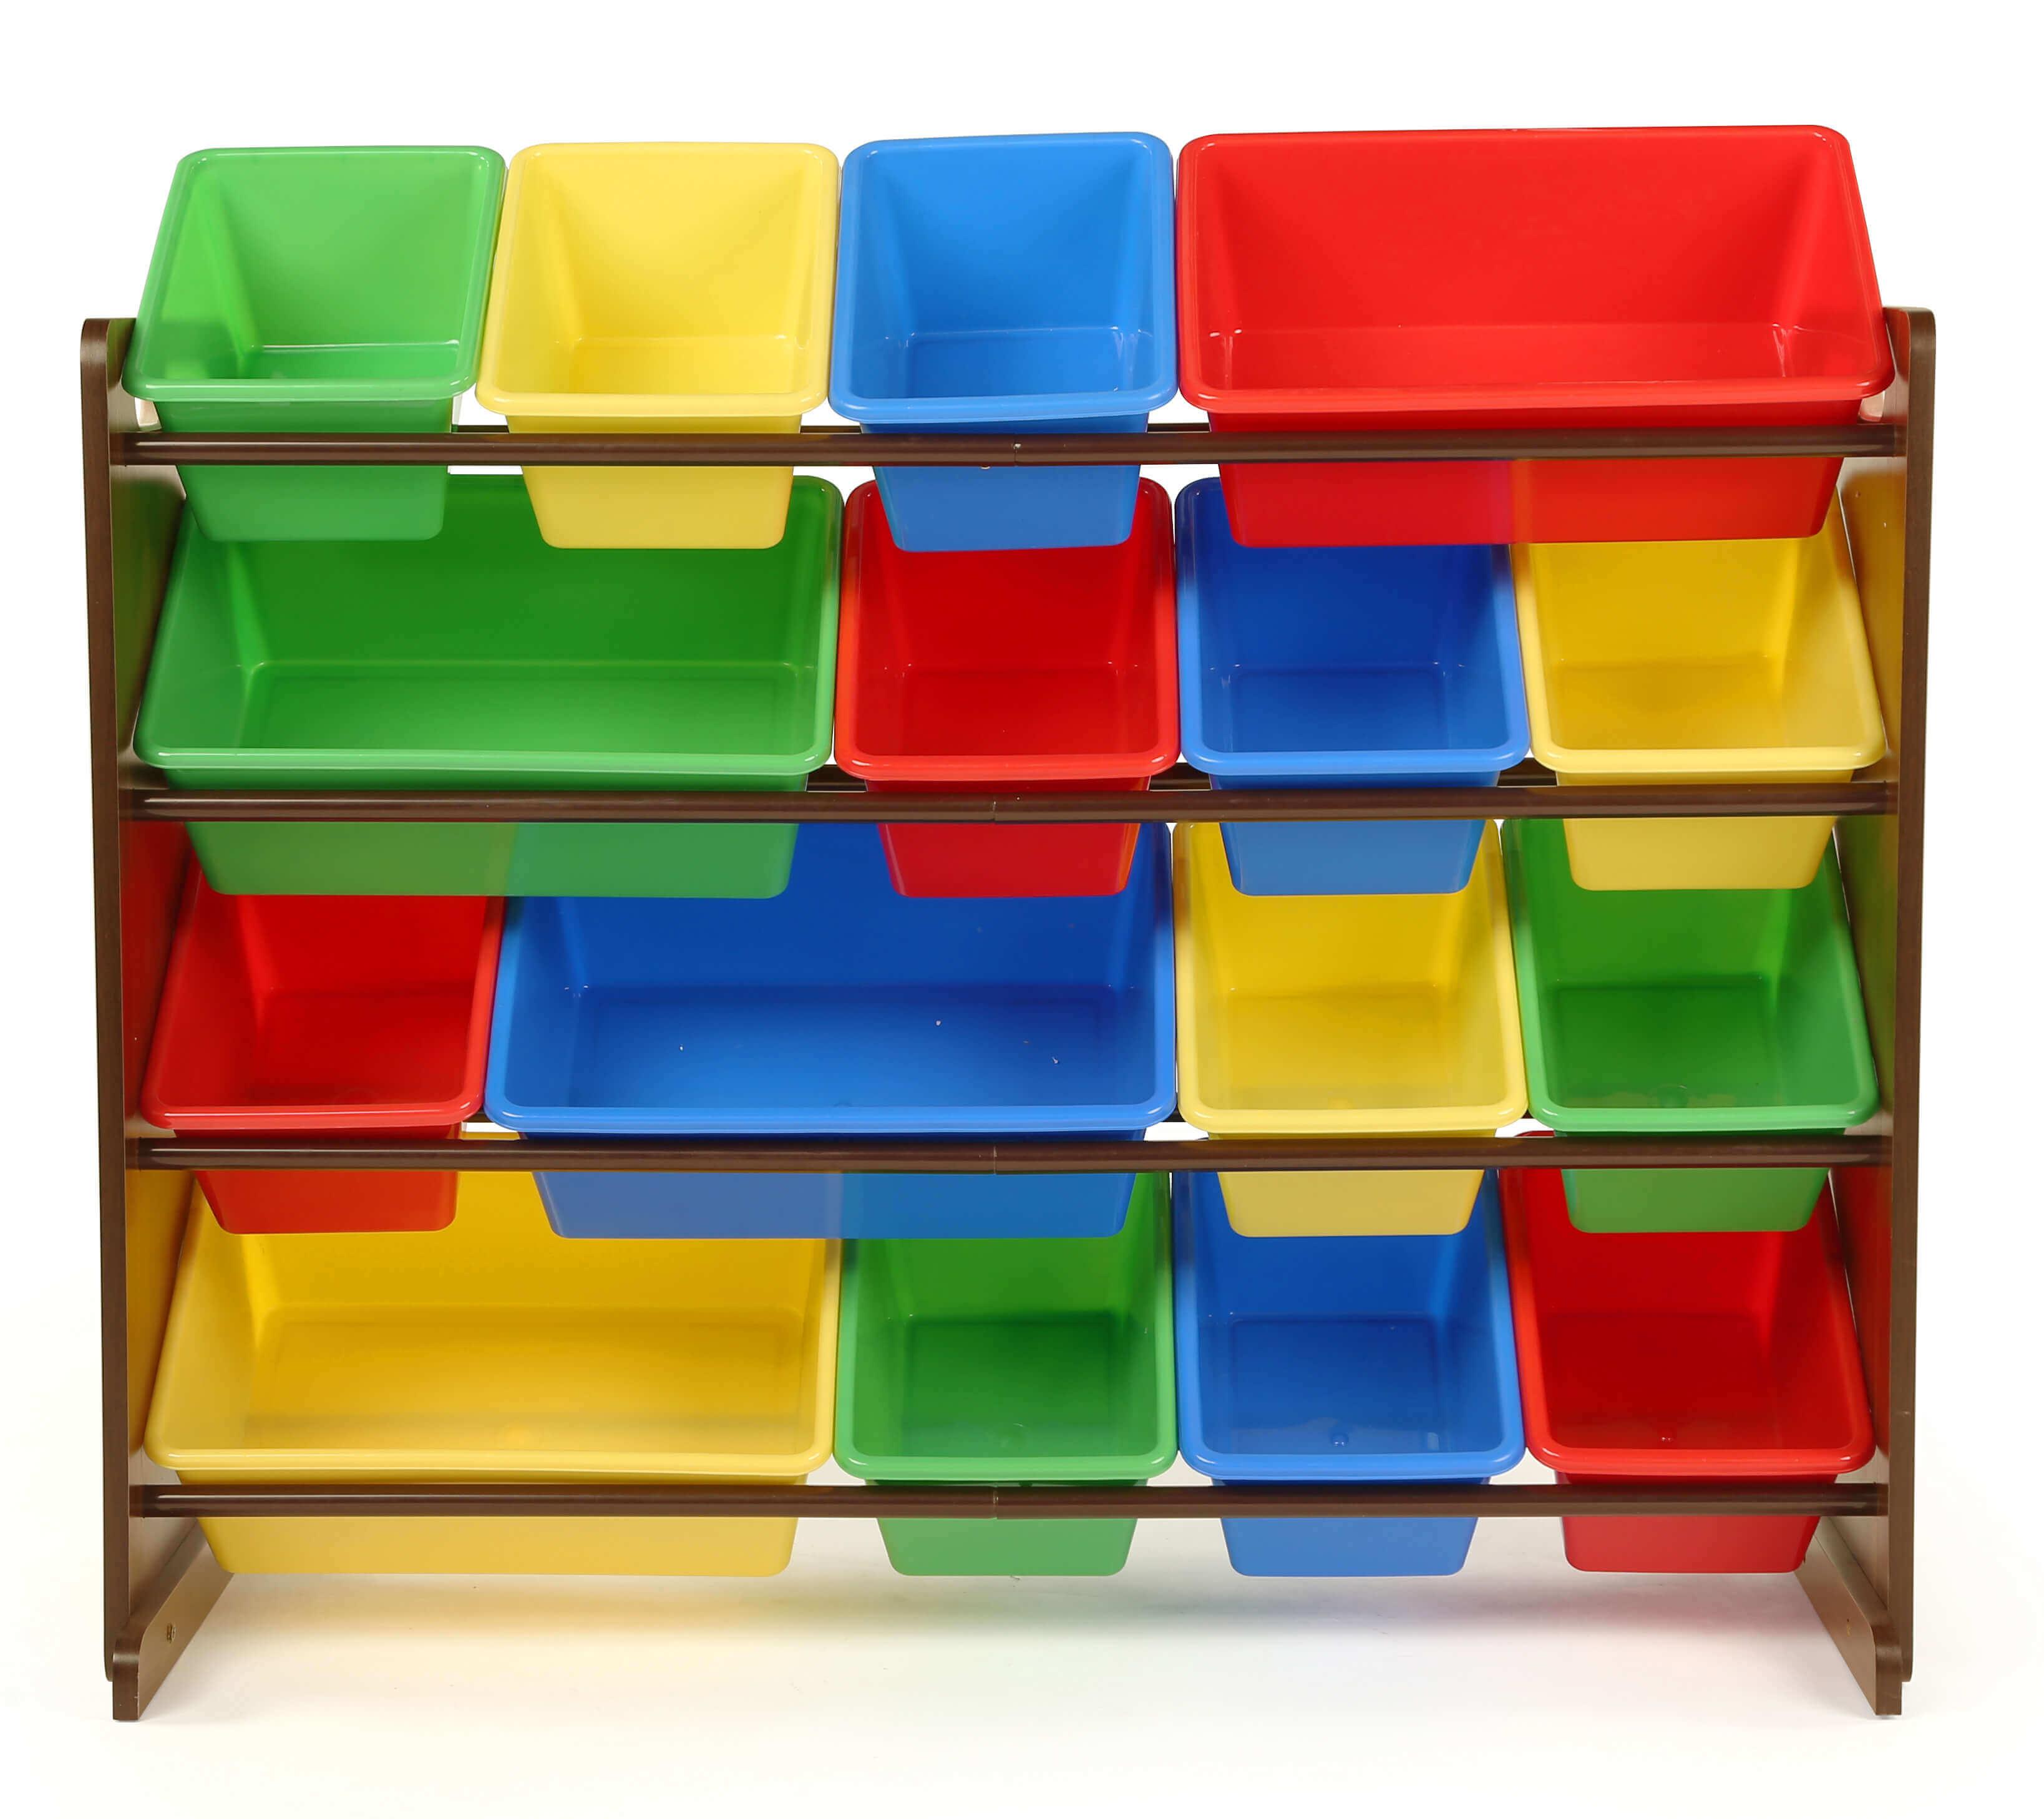 Kệ đề đồ chơi làm bằng nhựa chắc chắn nhiều màu sắc